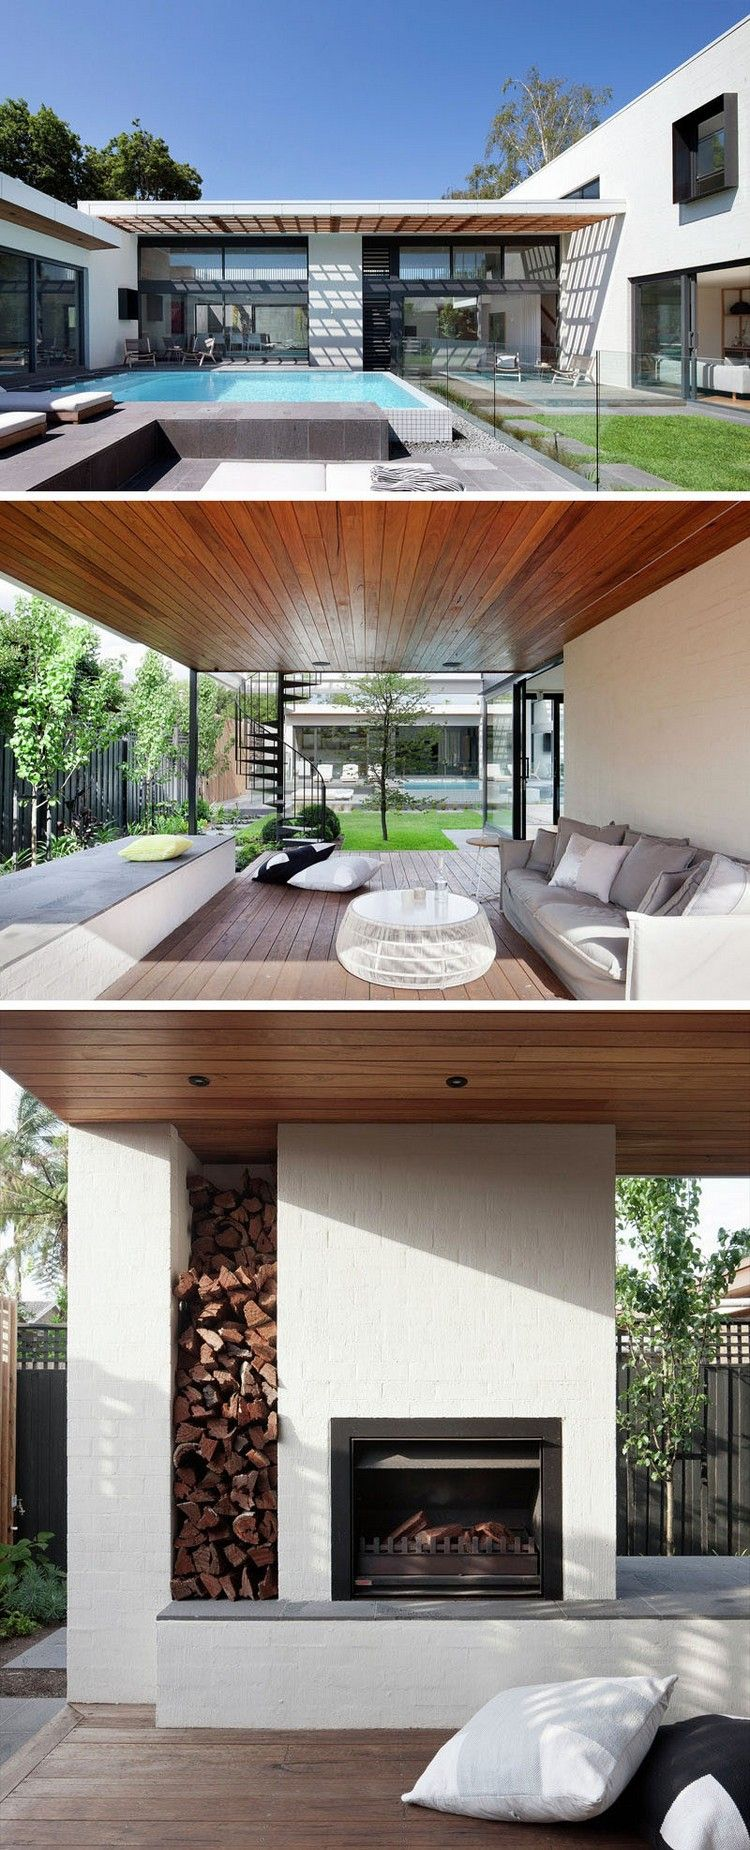 Amenagement Exterieur Terrasse Maison aménagement extérieur maison avec terrasse, piscine